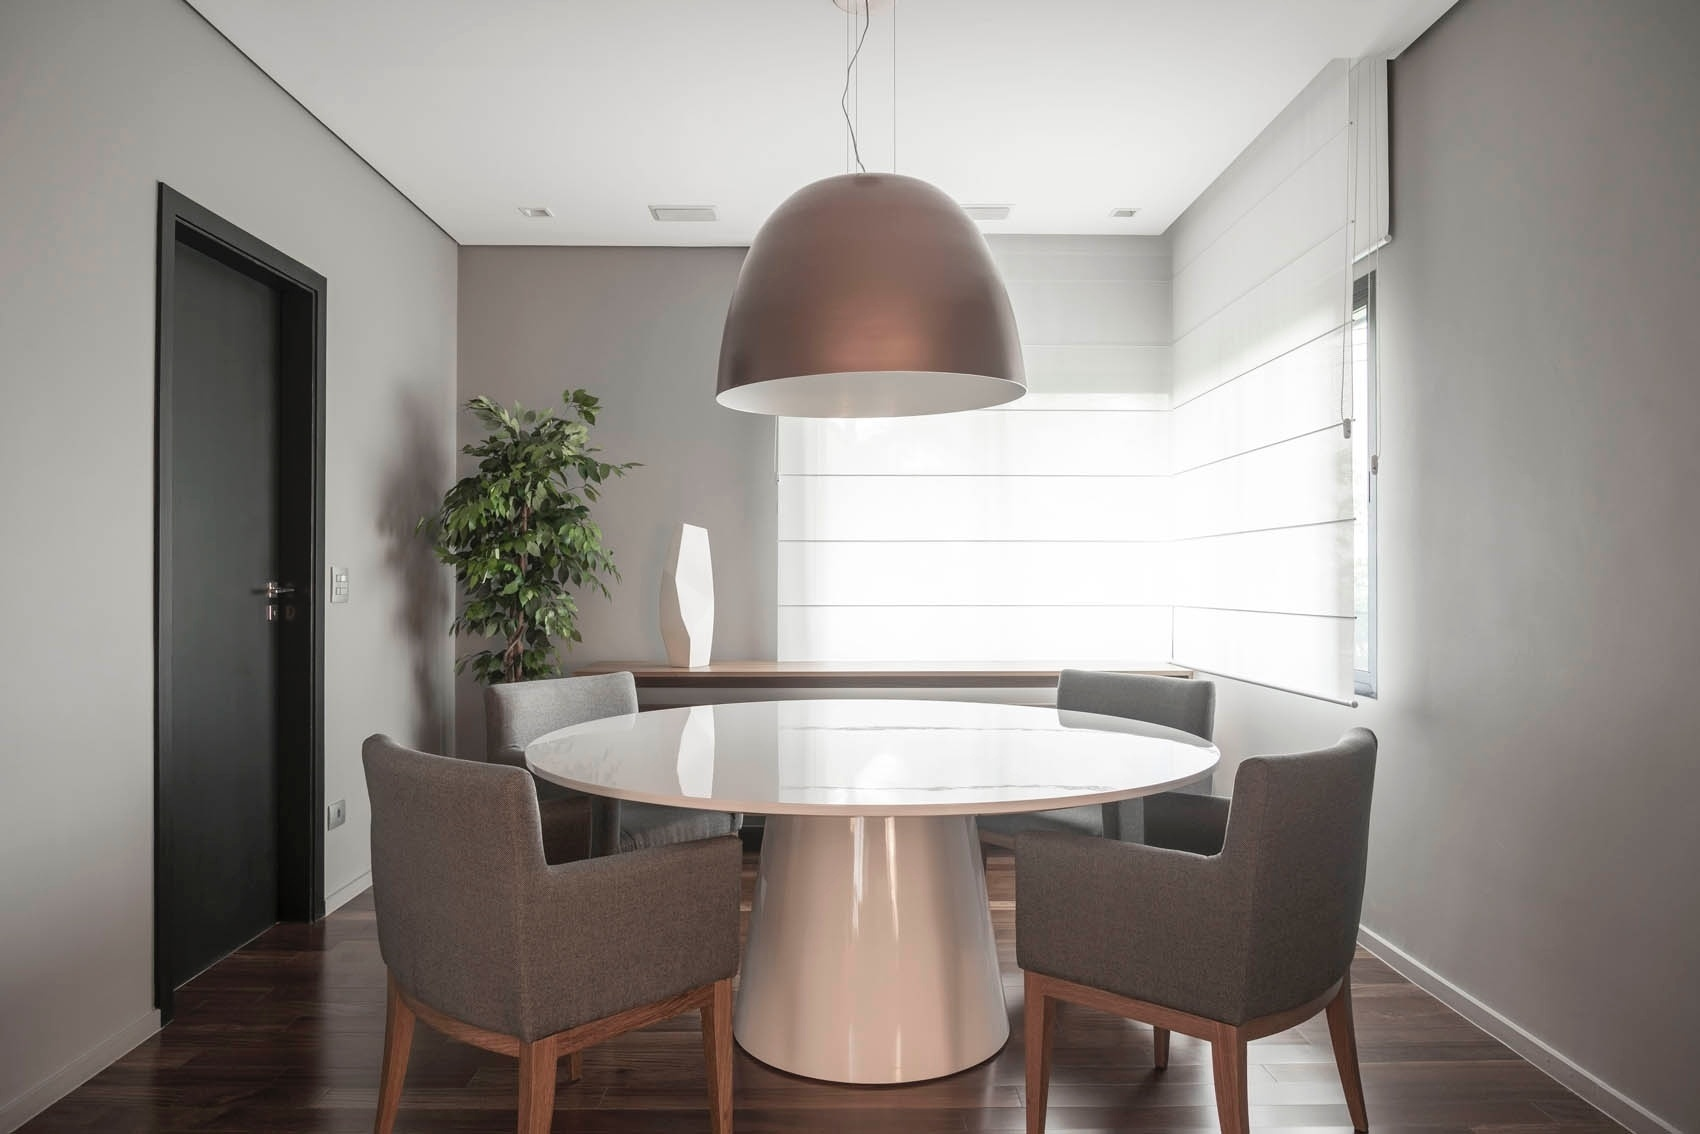 Salas De Jantar Ideias Para Decorar O Ambiente Bol Fotos Bol Fotos -> Acabamento De Sala E Cozinha